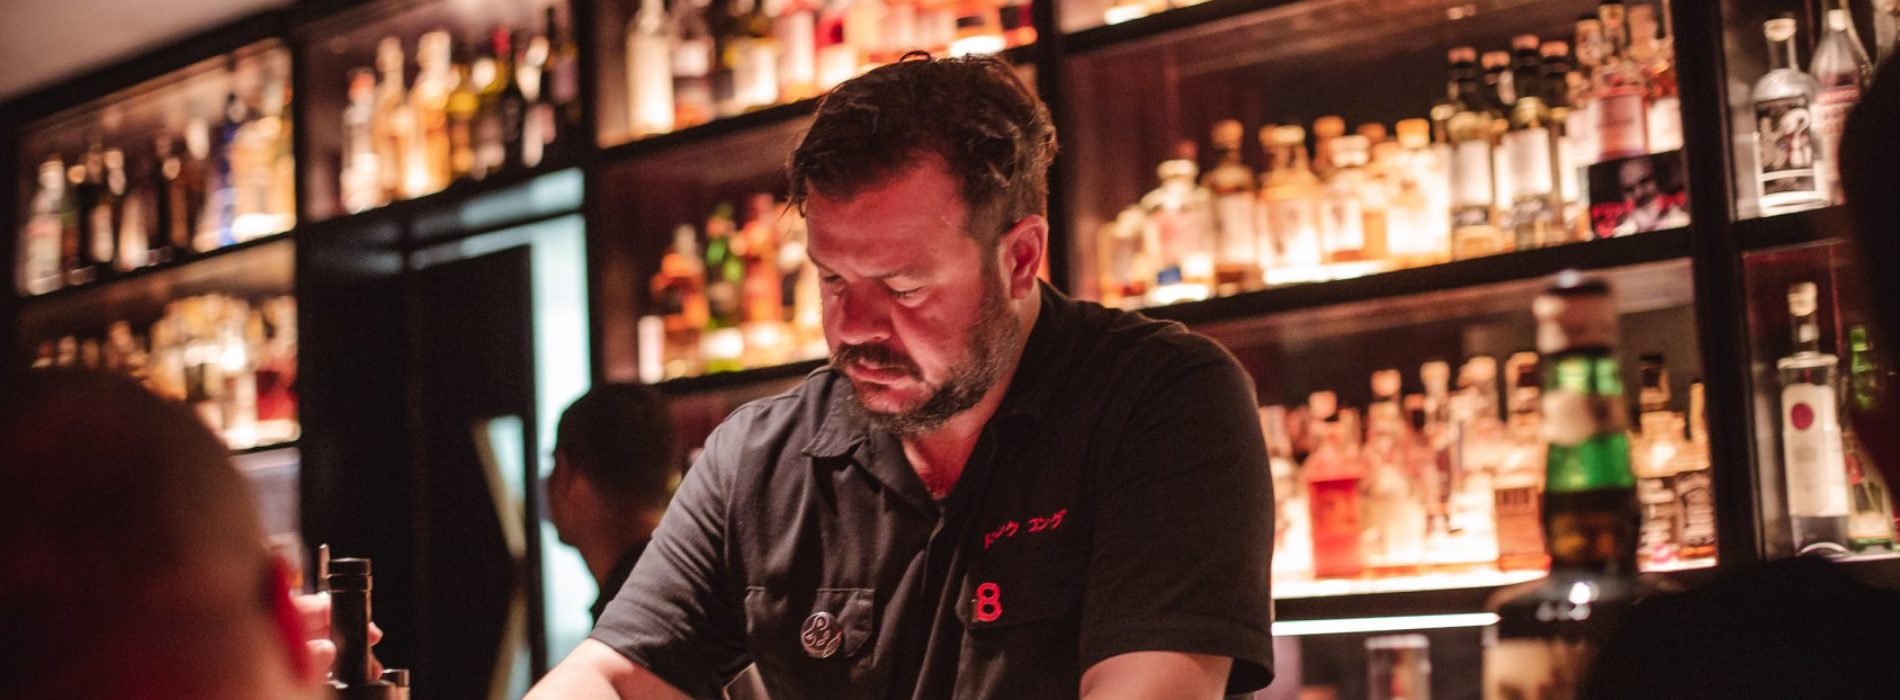 """La crisi per locali e cocktail bar, Pistolesi (Drink Kong): """"Servono aiuti per chi fa impresa. Il futuro? I Ready to drink"""""""